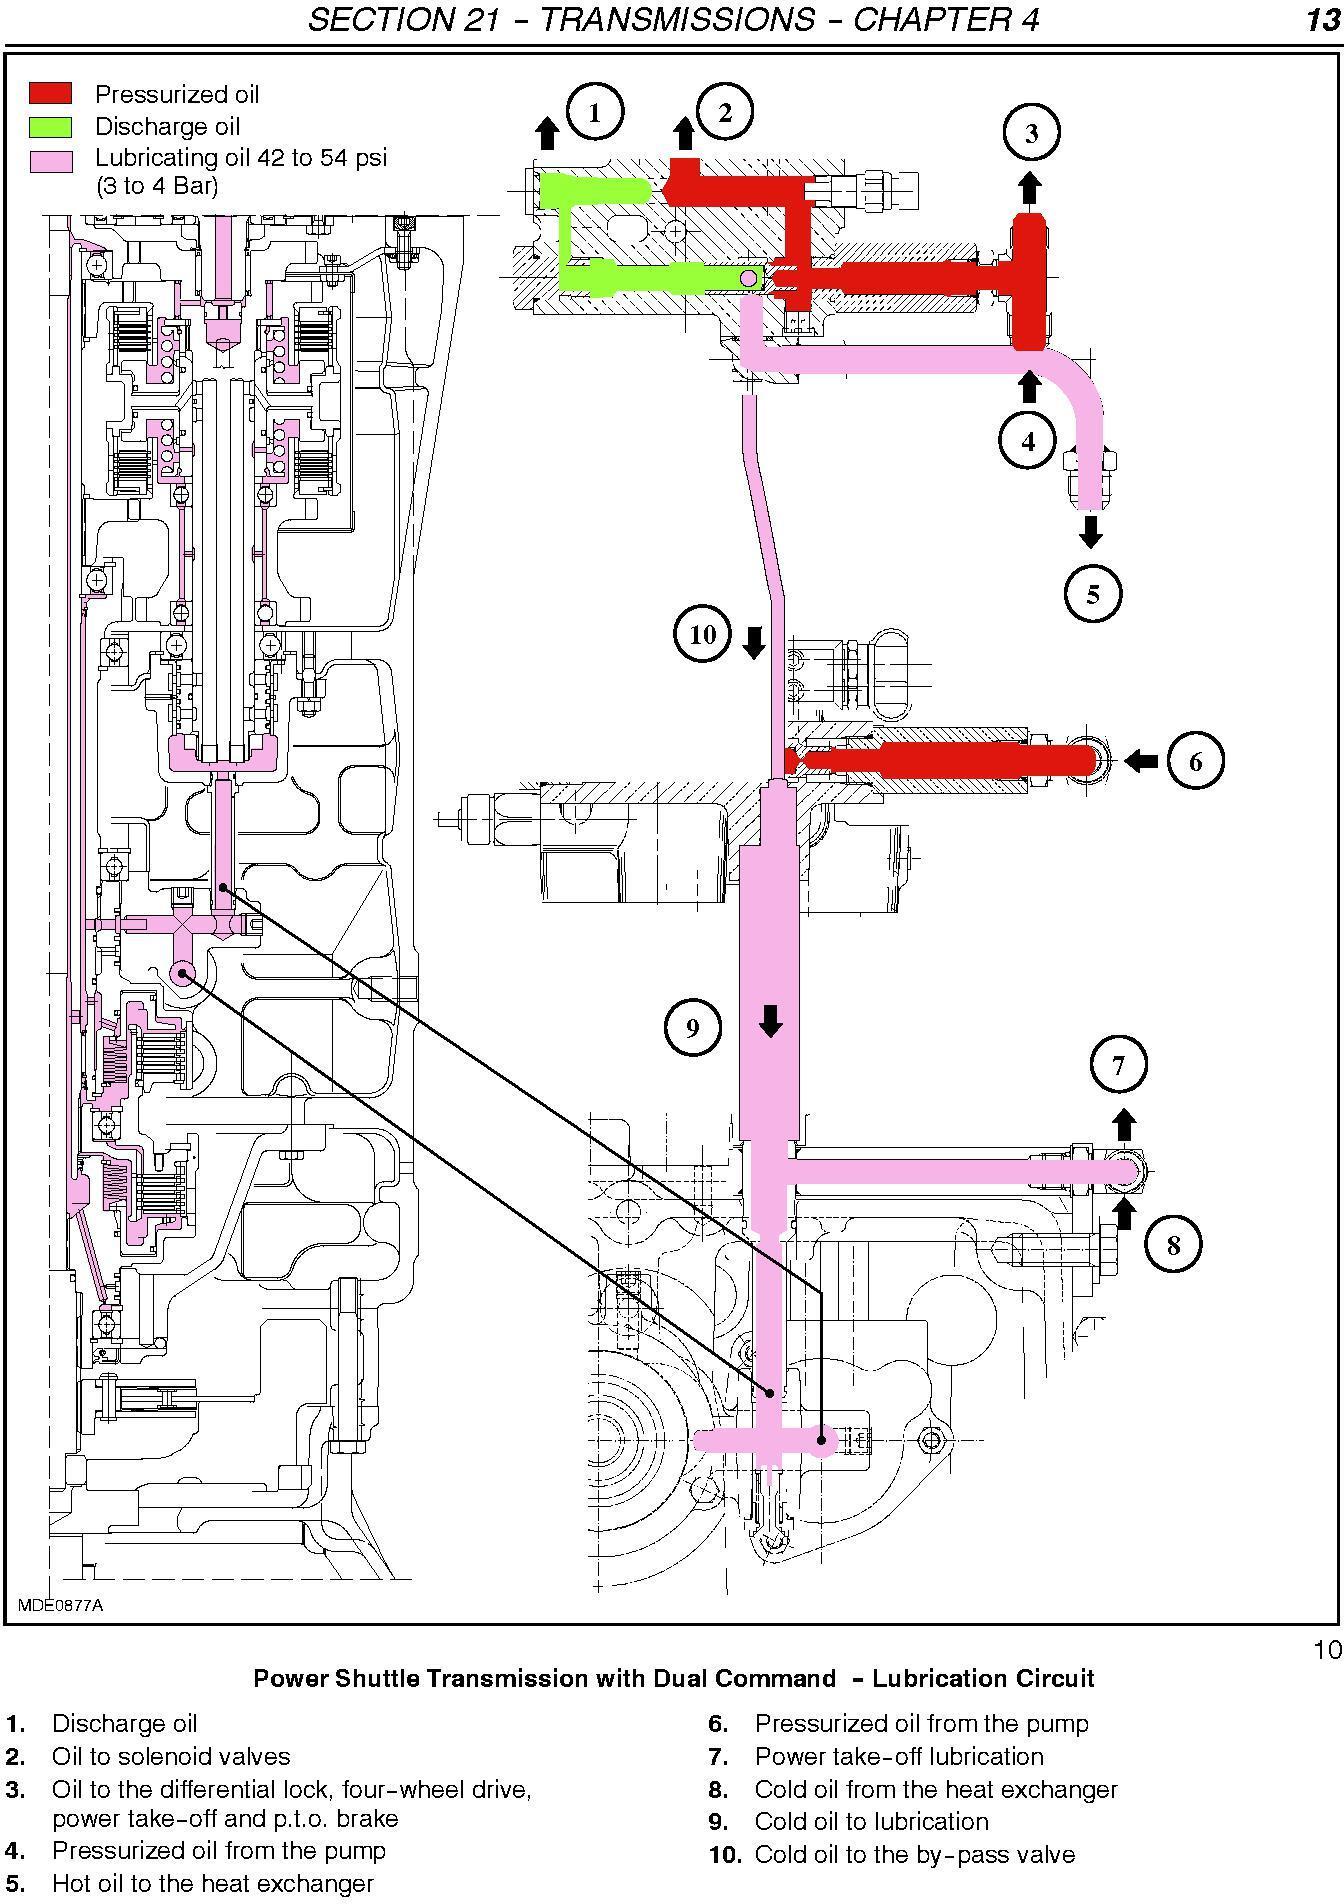 New Holland TL80A, TL90A, TL100A Tractors Complete Service Manual - 1